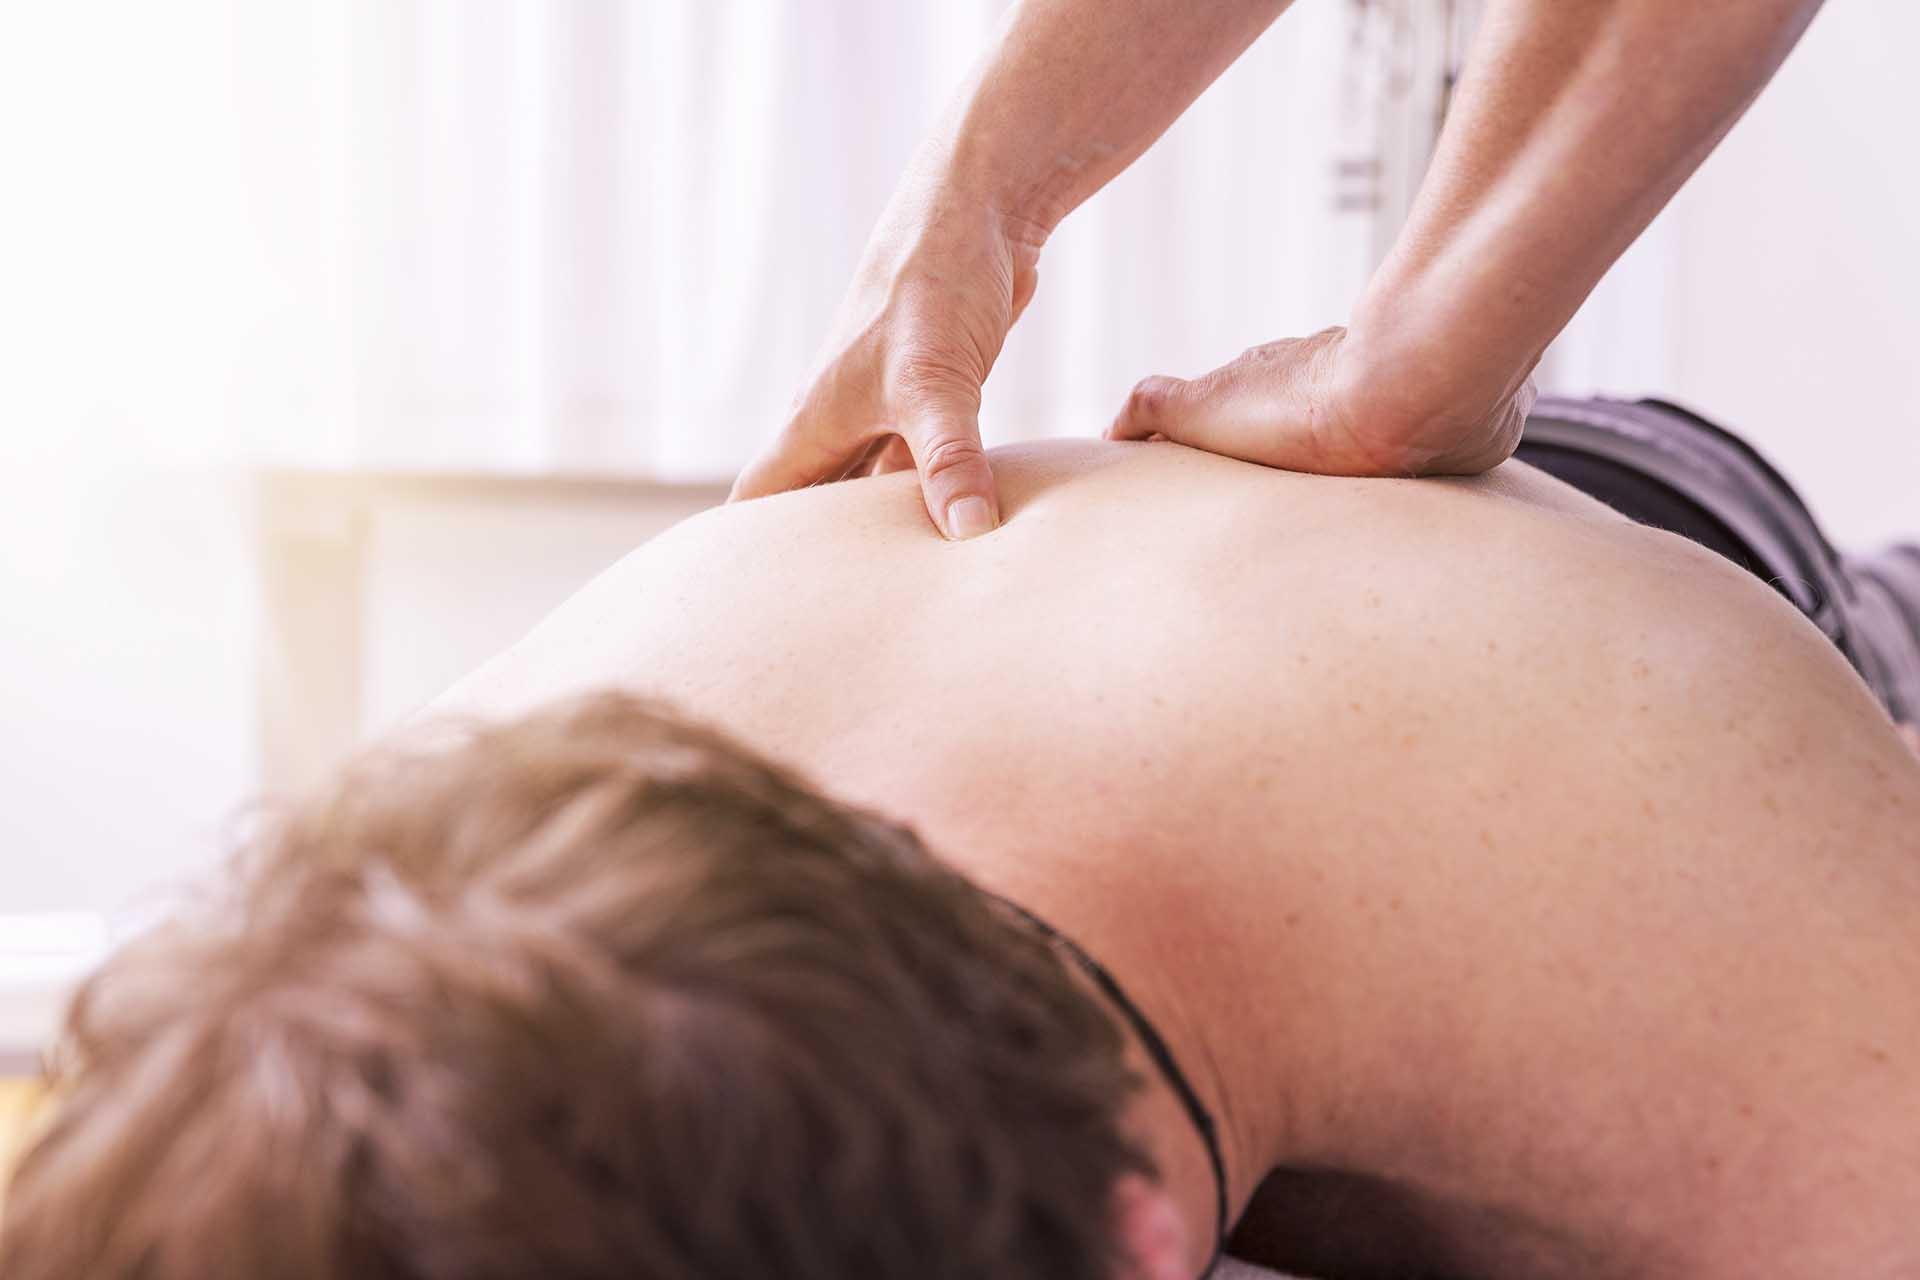 Triggerpunkttherapie bei Kinemedic -Praxis für physikalische, orthopädische und rehabilitative Medizin.